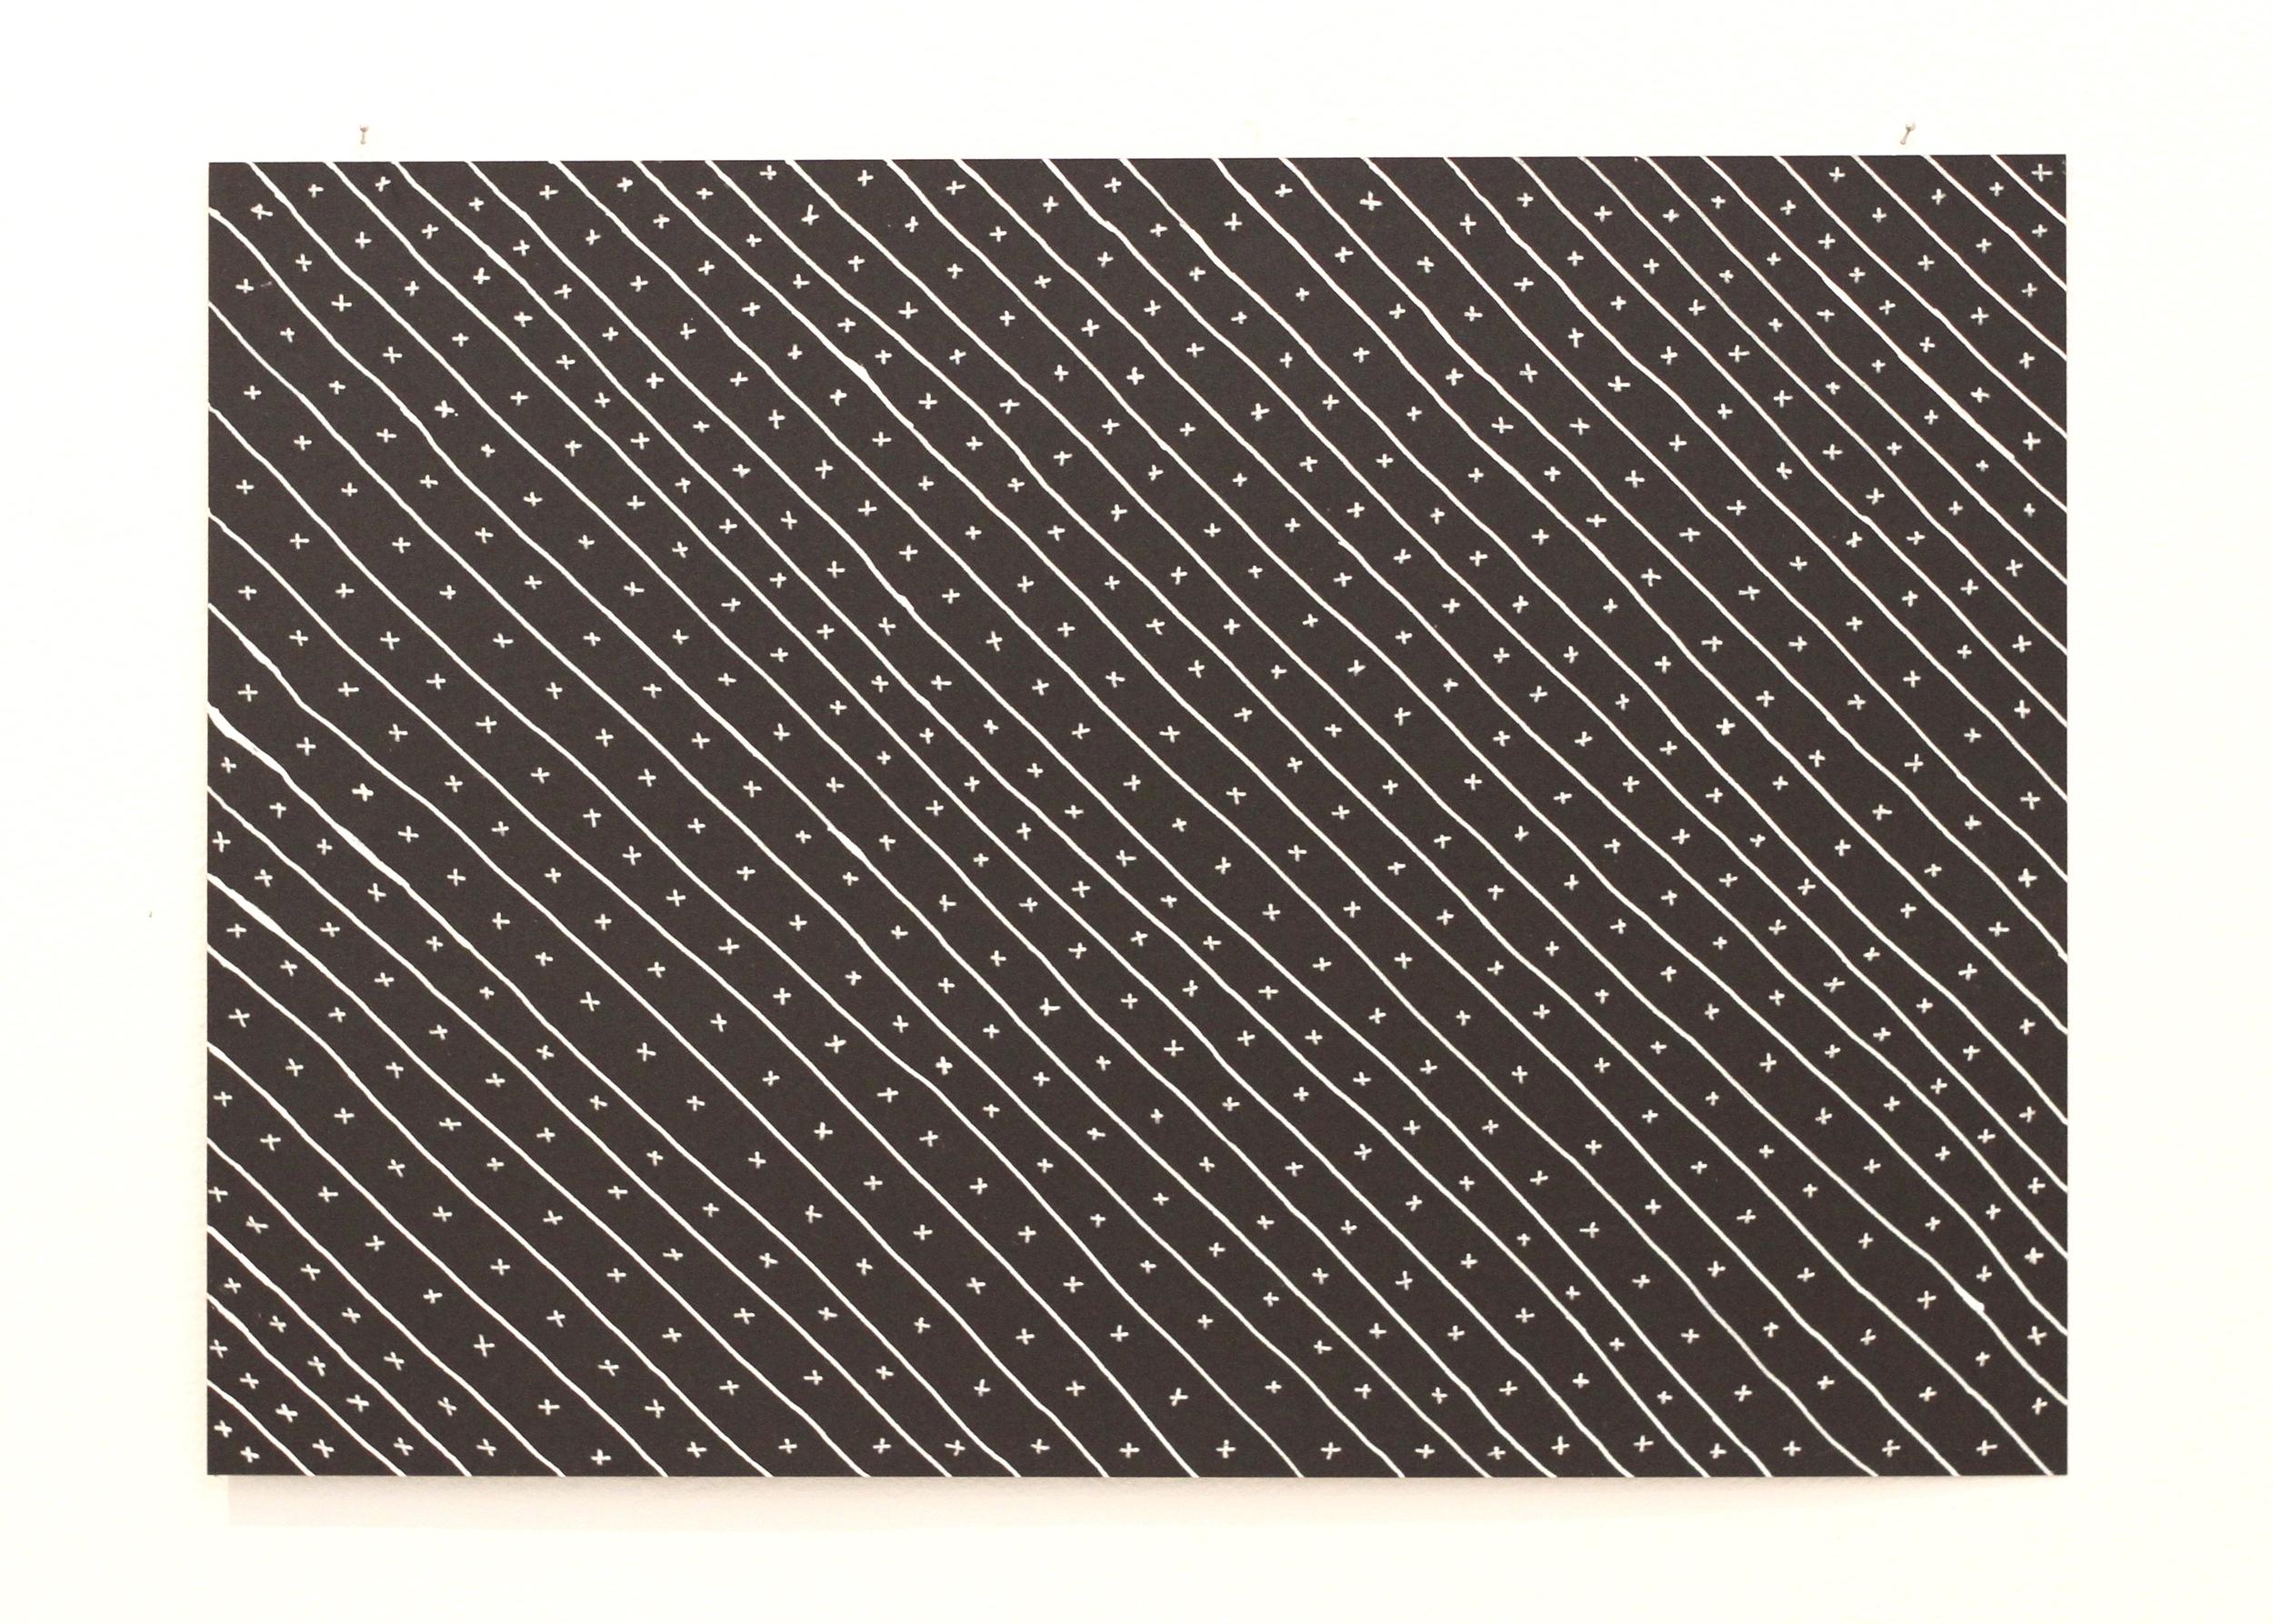 We have always been here, Léuli Eshraghi, ink on card, 21 x 29.5cm, 2014